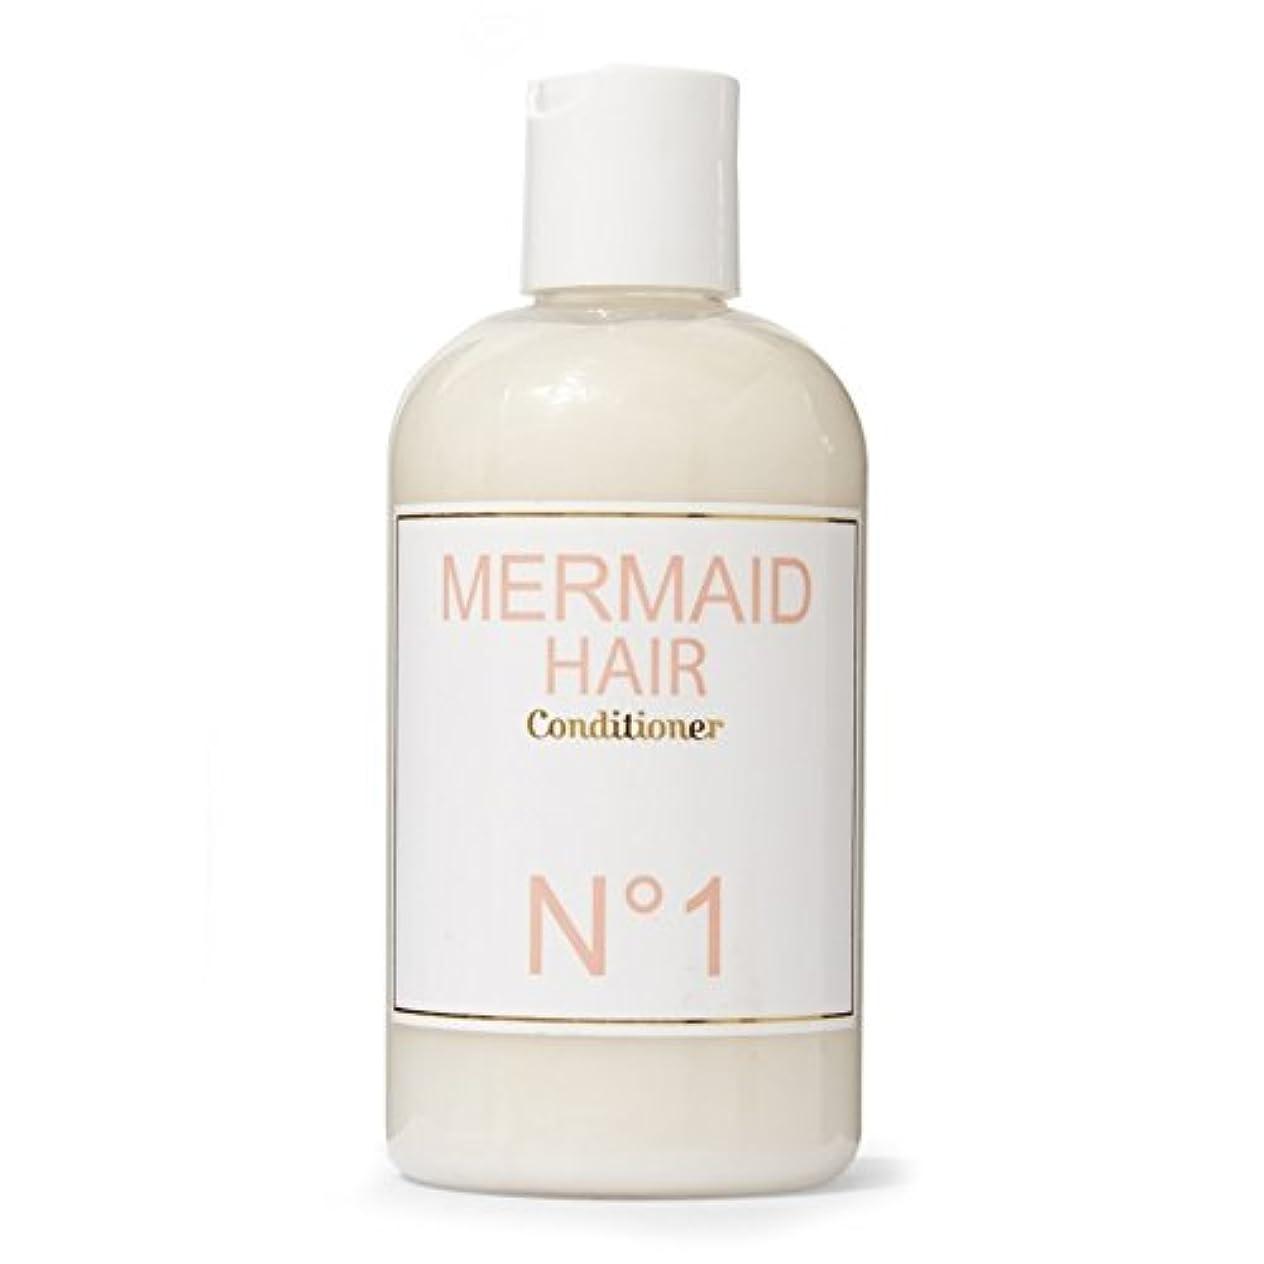 バンガロー顔料悩む人魚香水人魚コンディショナー300ミリリットル x4 - Mermaid Perfume Mermaid Conditioner 300ml (Pack of 4) [並行輸入品]